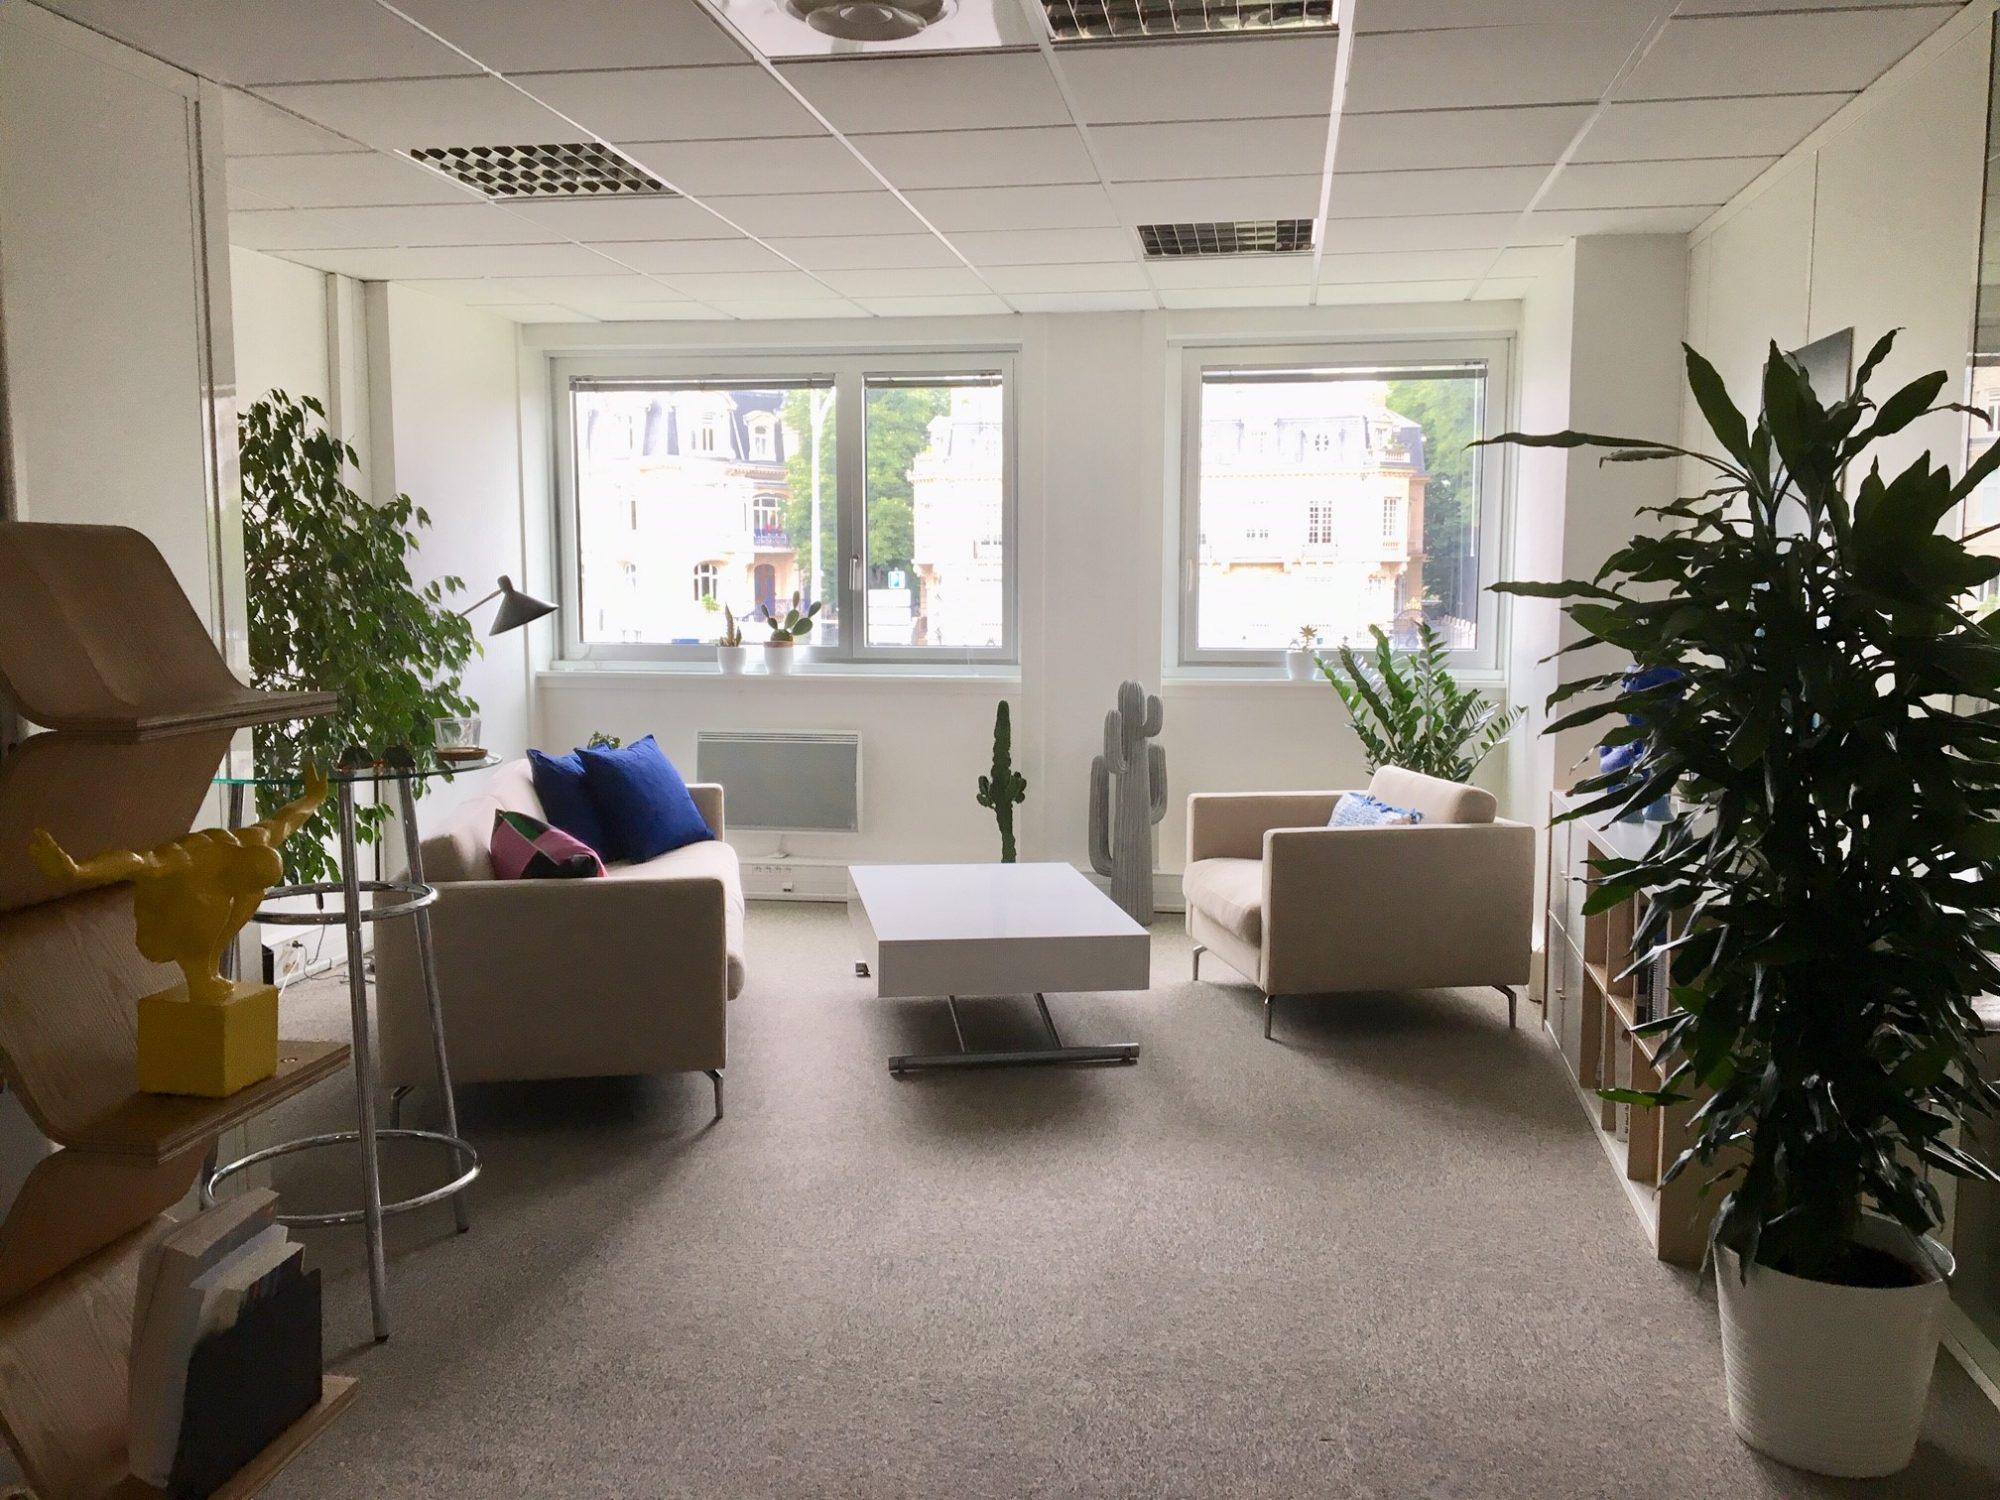 Lumineux bureaux modernes Place Brant